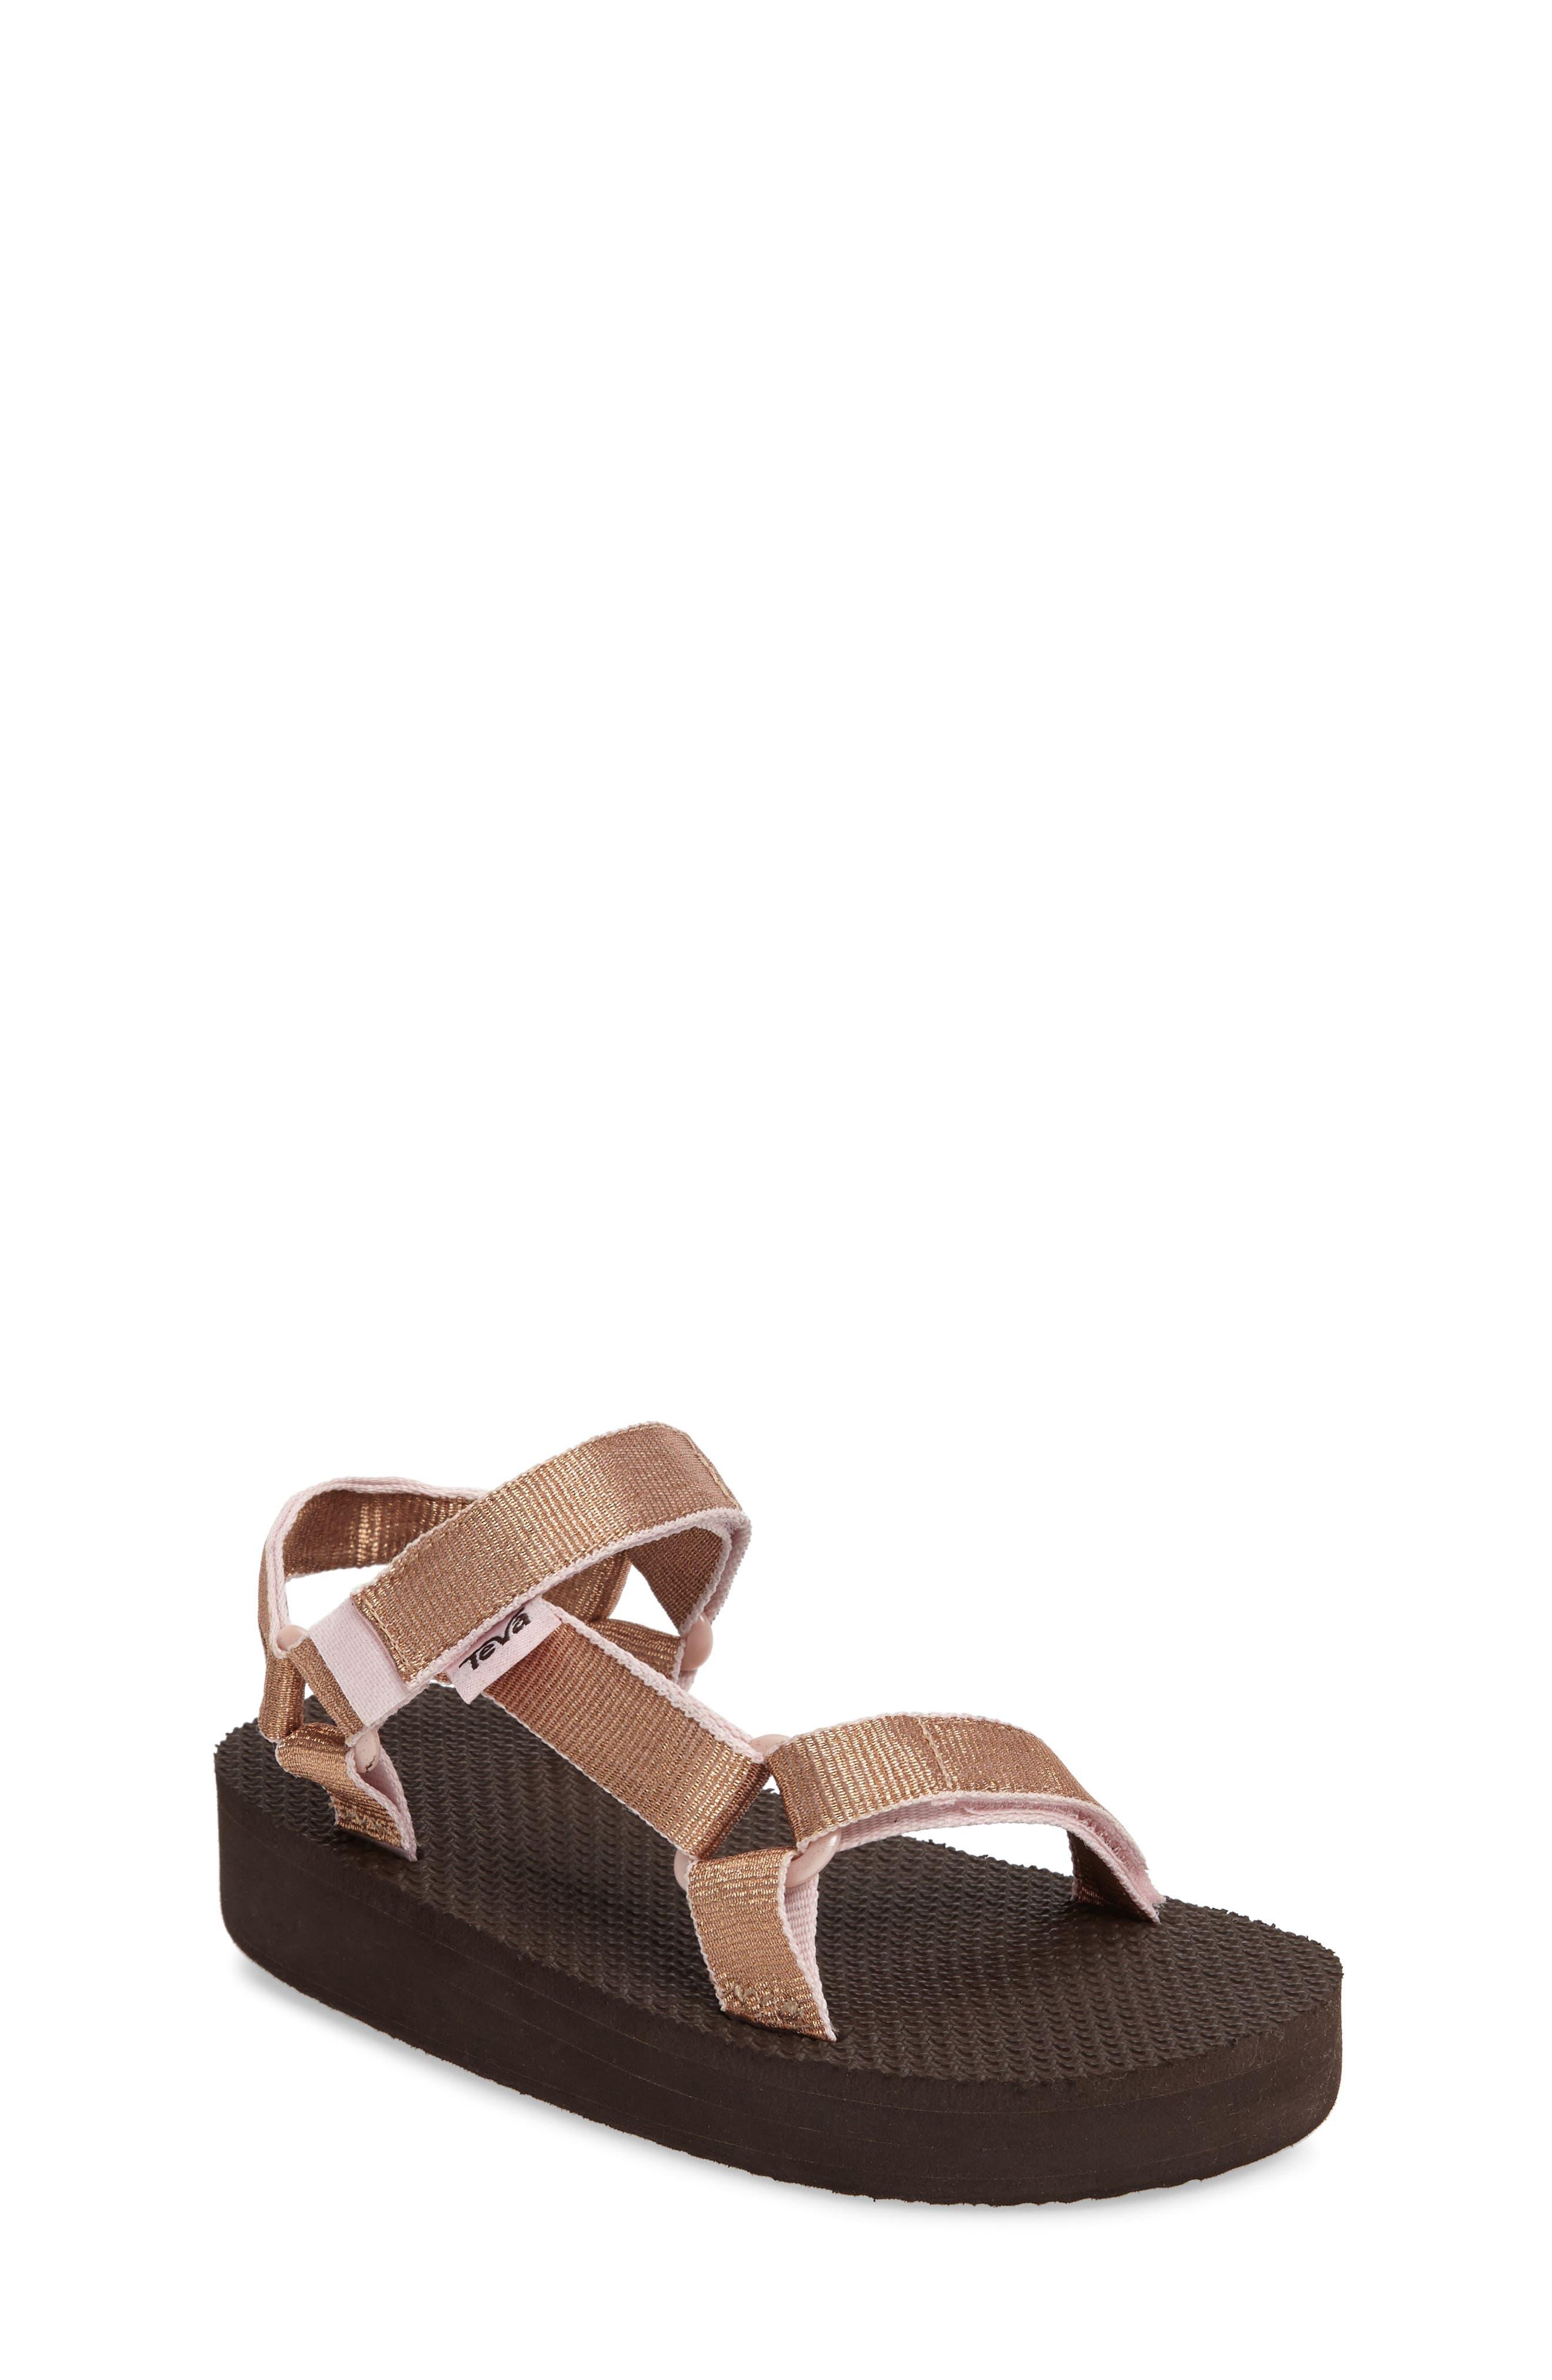 TEVA Hi Rise Platform Sandal